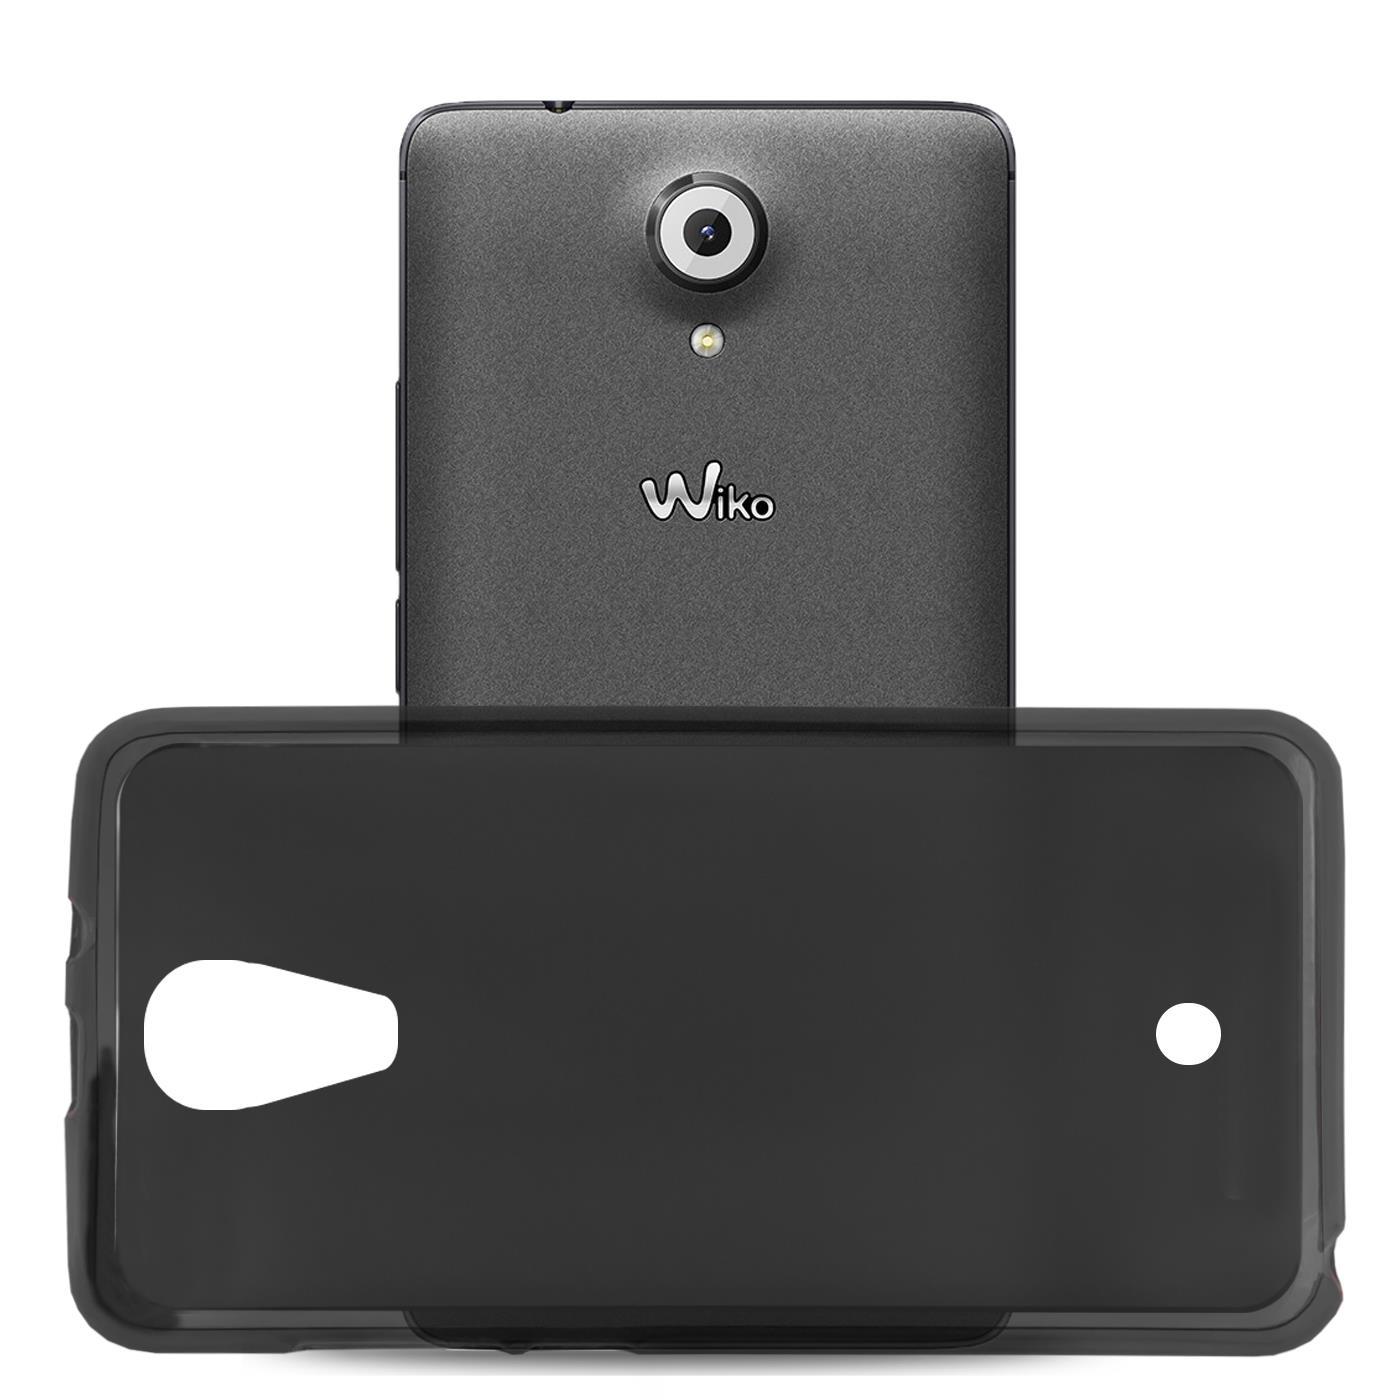 Duenn-Slim-Cover-Wiko-U-Feel-Handy-Huelle-Silikon-Case-Schutz-Tasche-Schwarz Indexbild 4